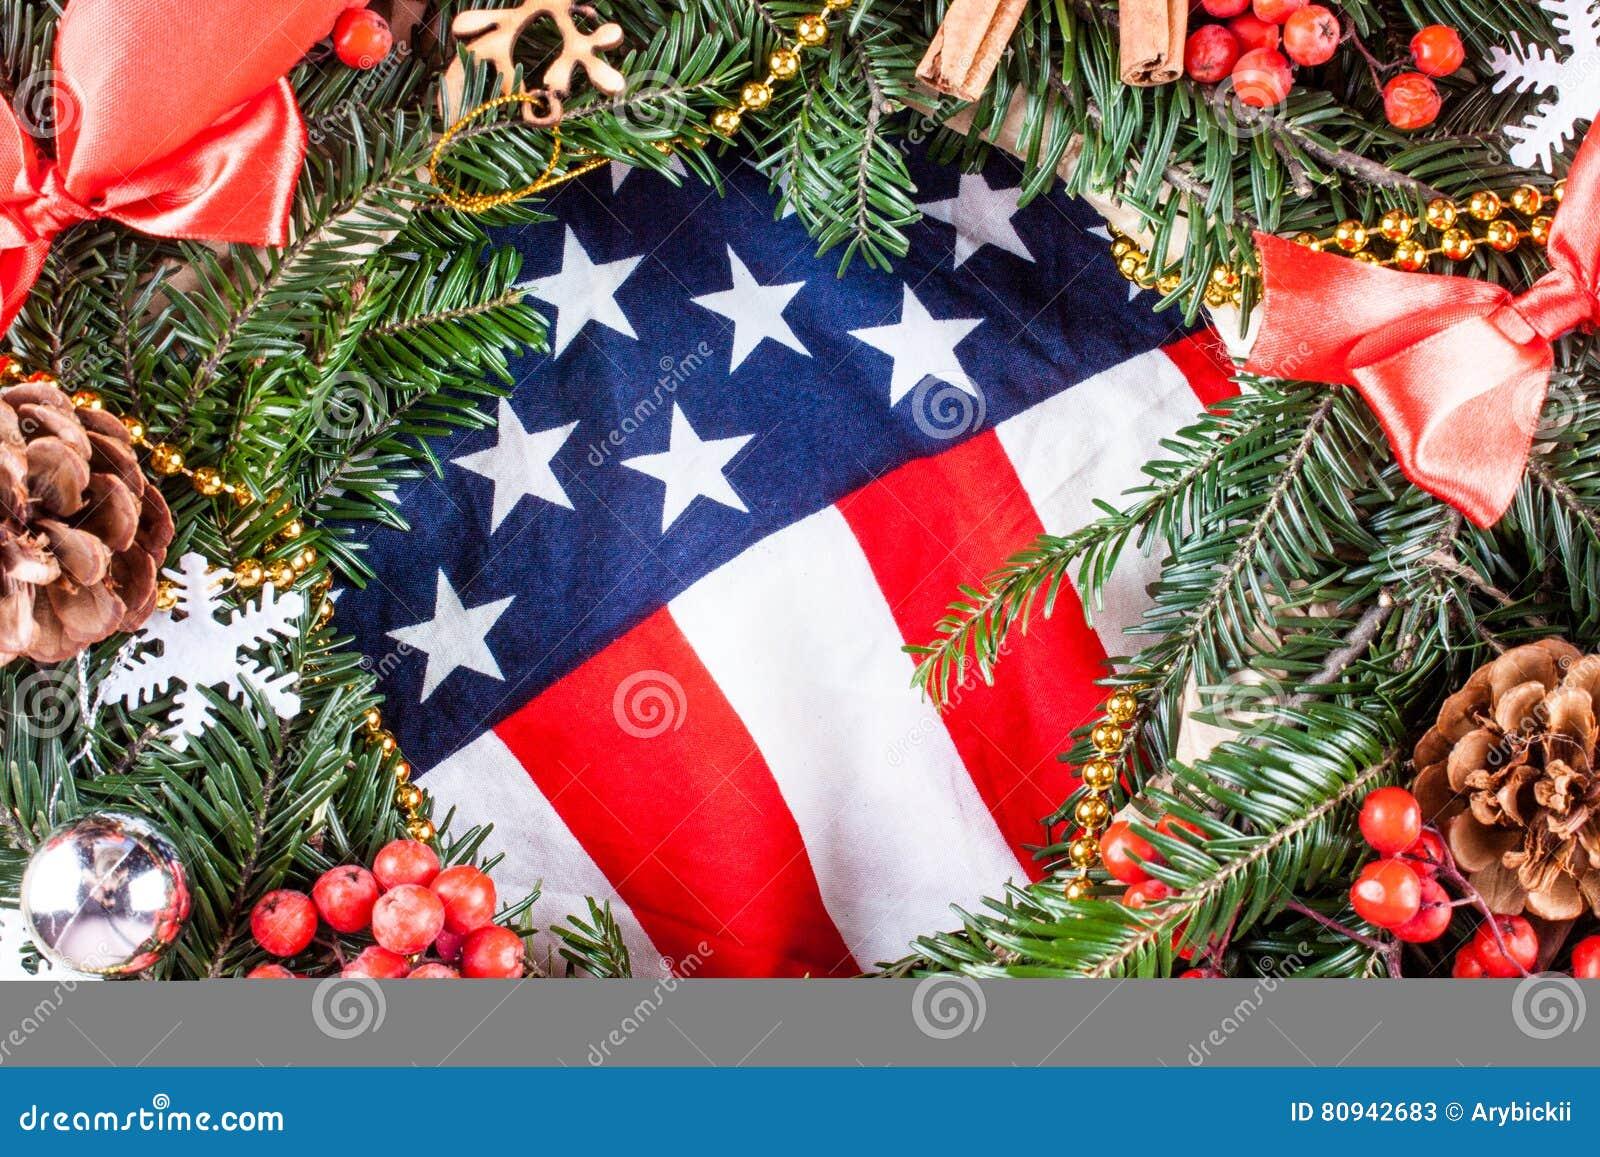 American Flag And Christmas Tree. Stock Image - Image of ...